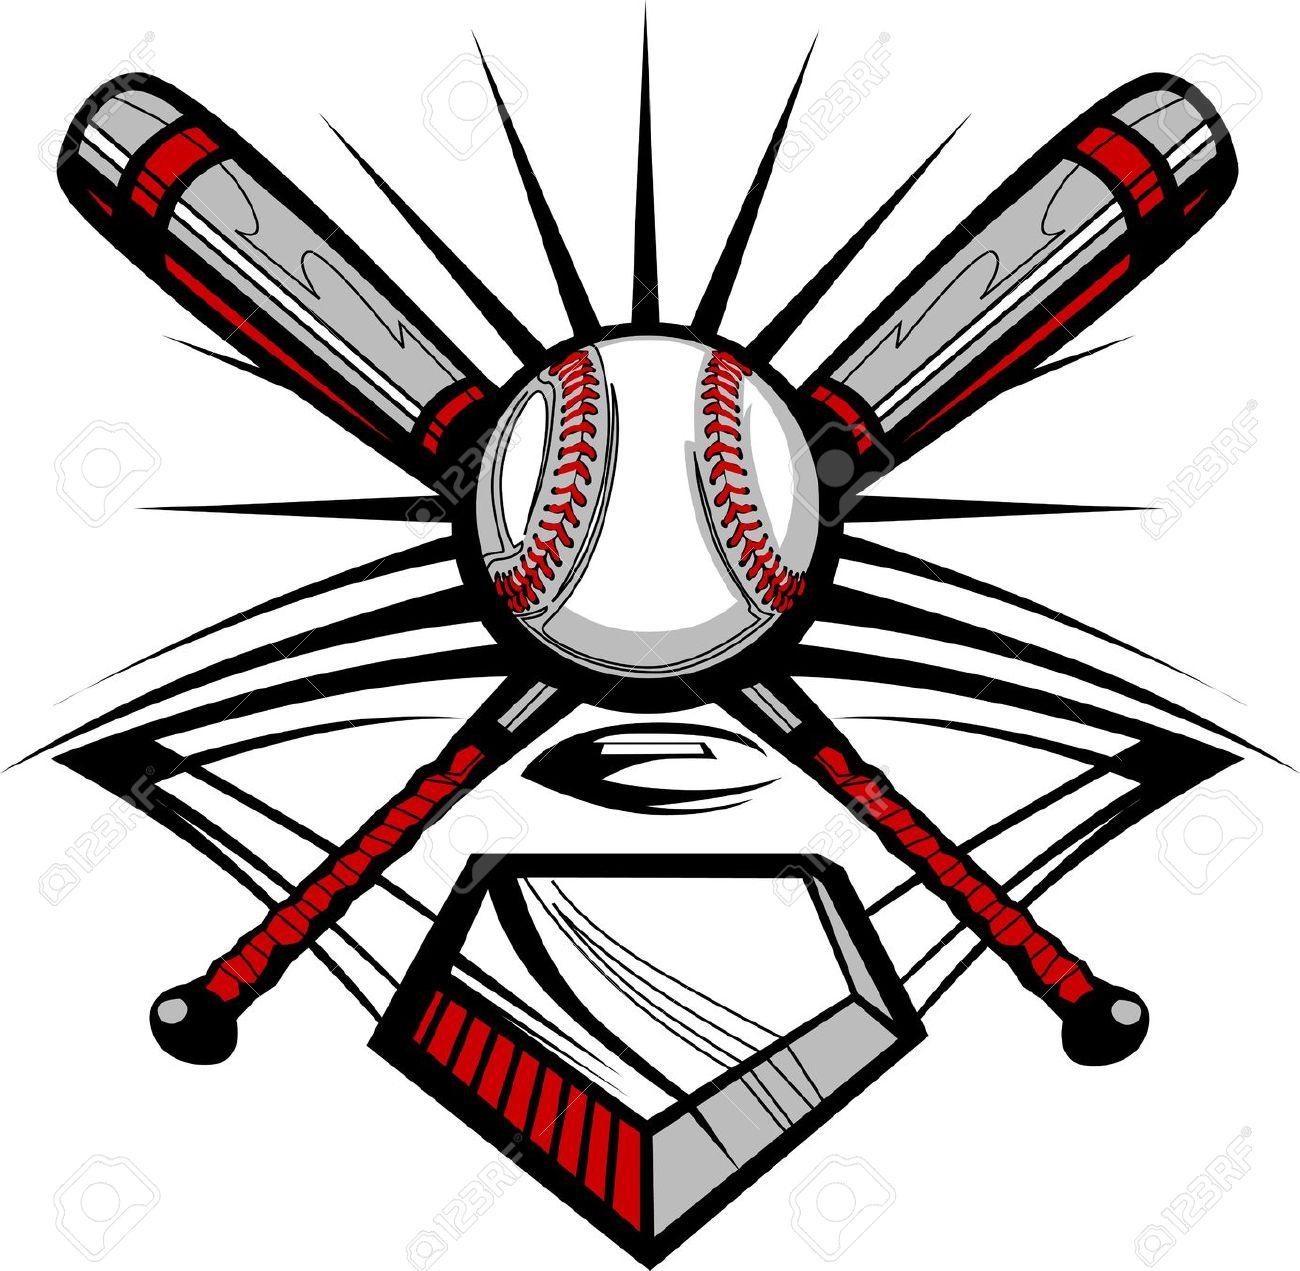 1300x1271 Baseball Bat Clipart Ball